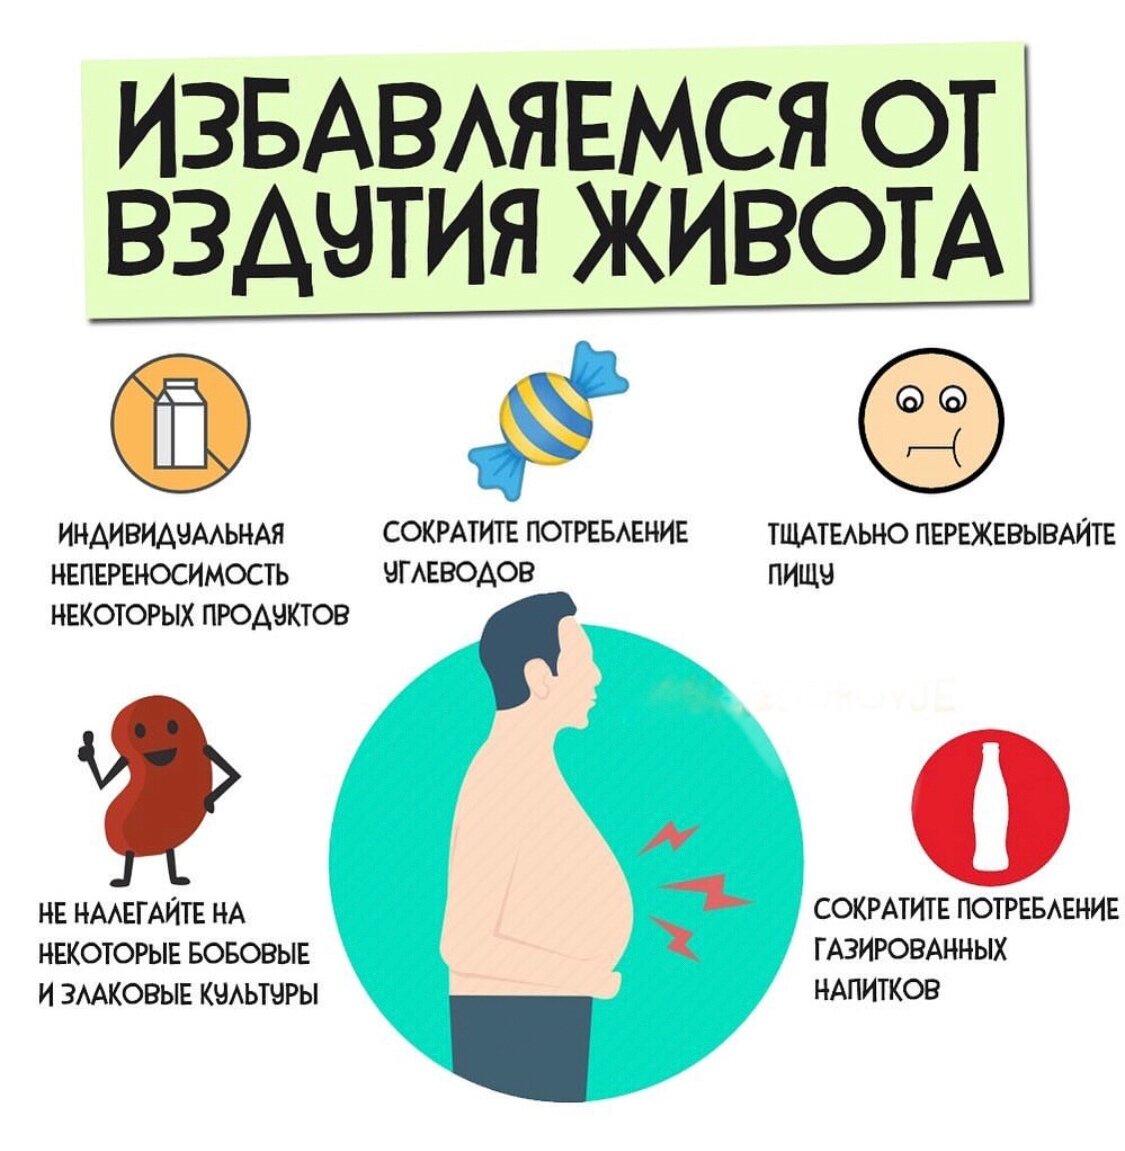 Почему пучит живот и часто отходят газы с неприятным запахом, после еды